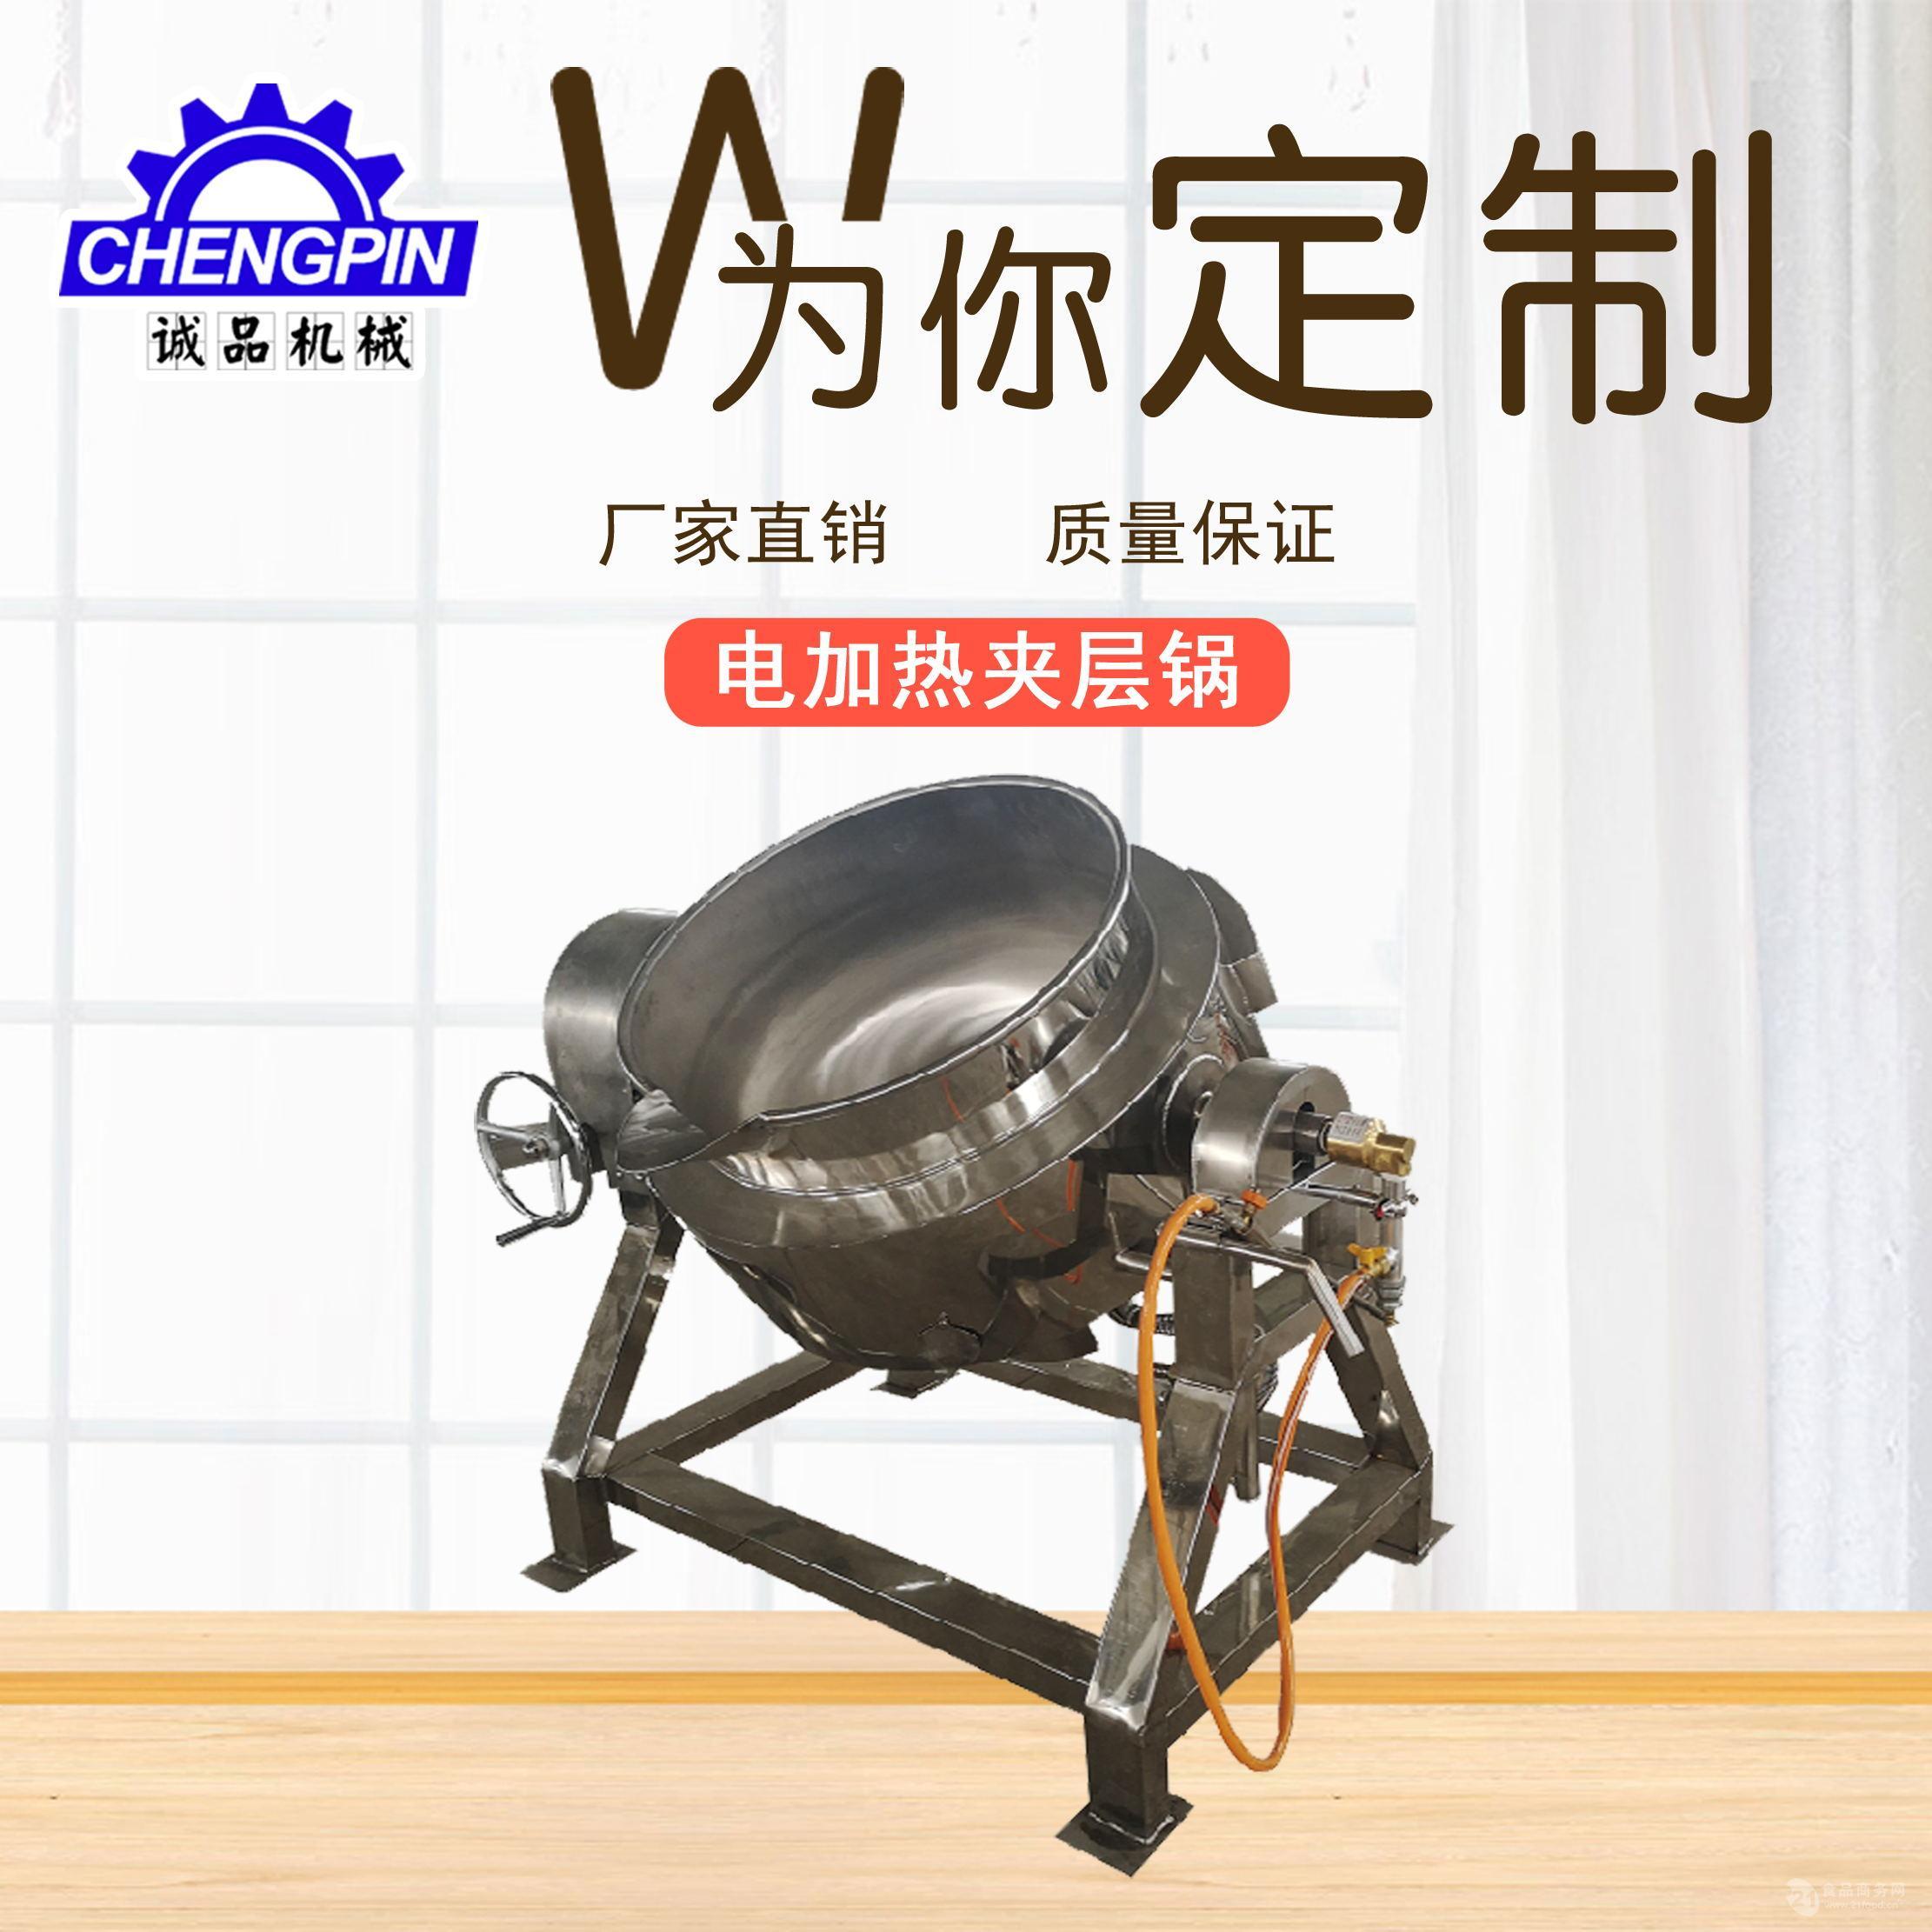 固定立式蒸汽夹层锅 燃气搅拌式蒸煮锅 可倾式夹层锅